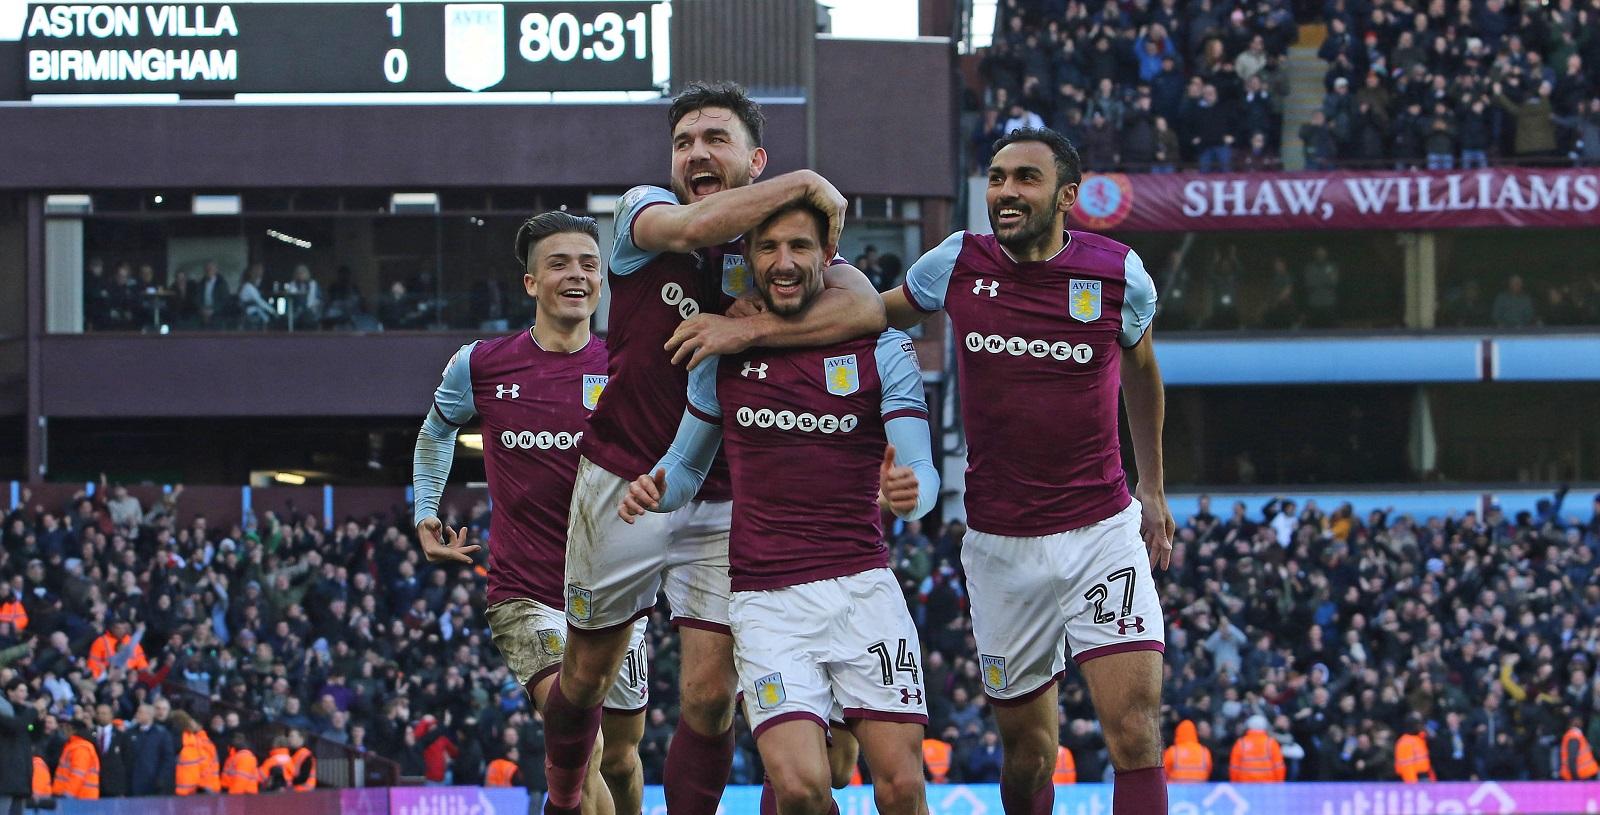 Aston Villa v Birmingham City, Sky Bet Championship